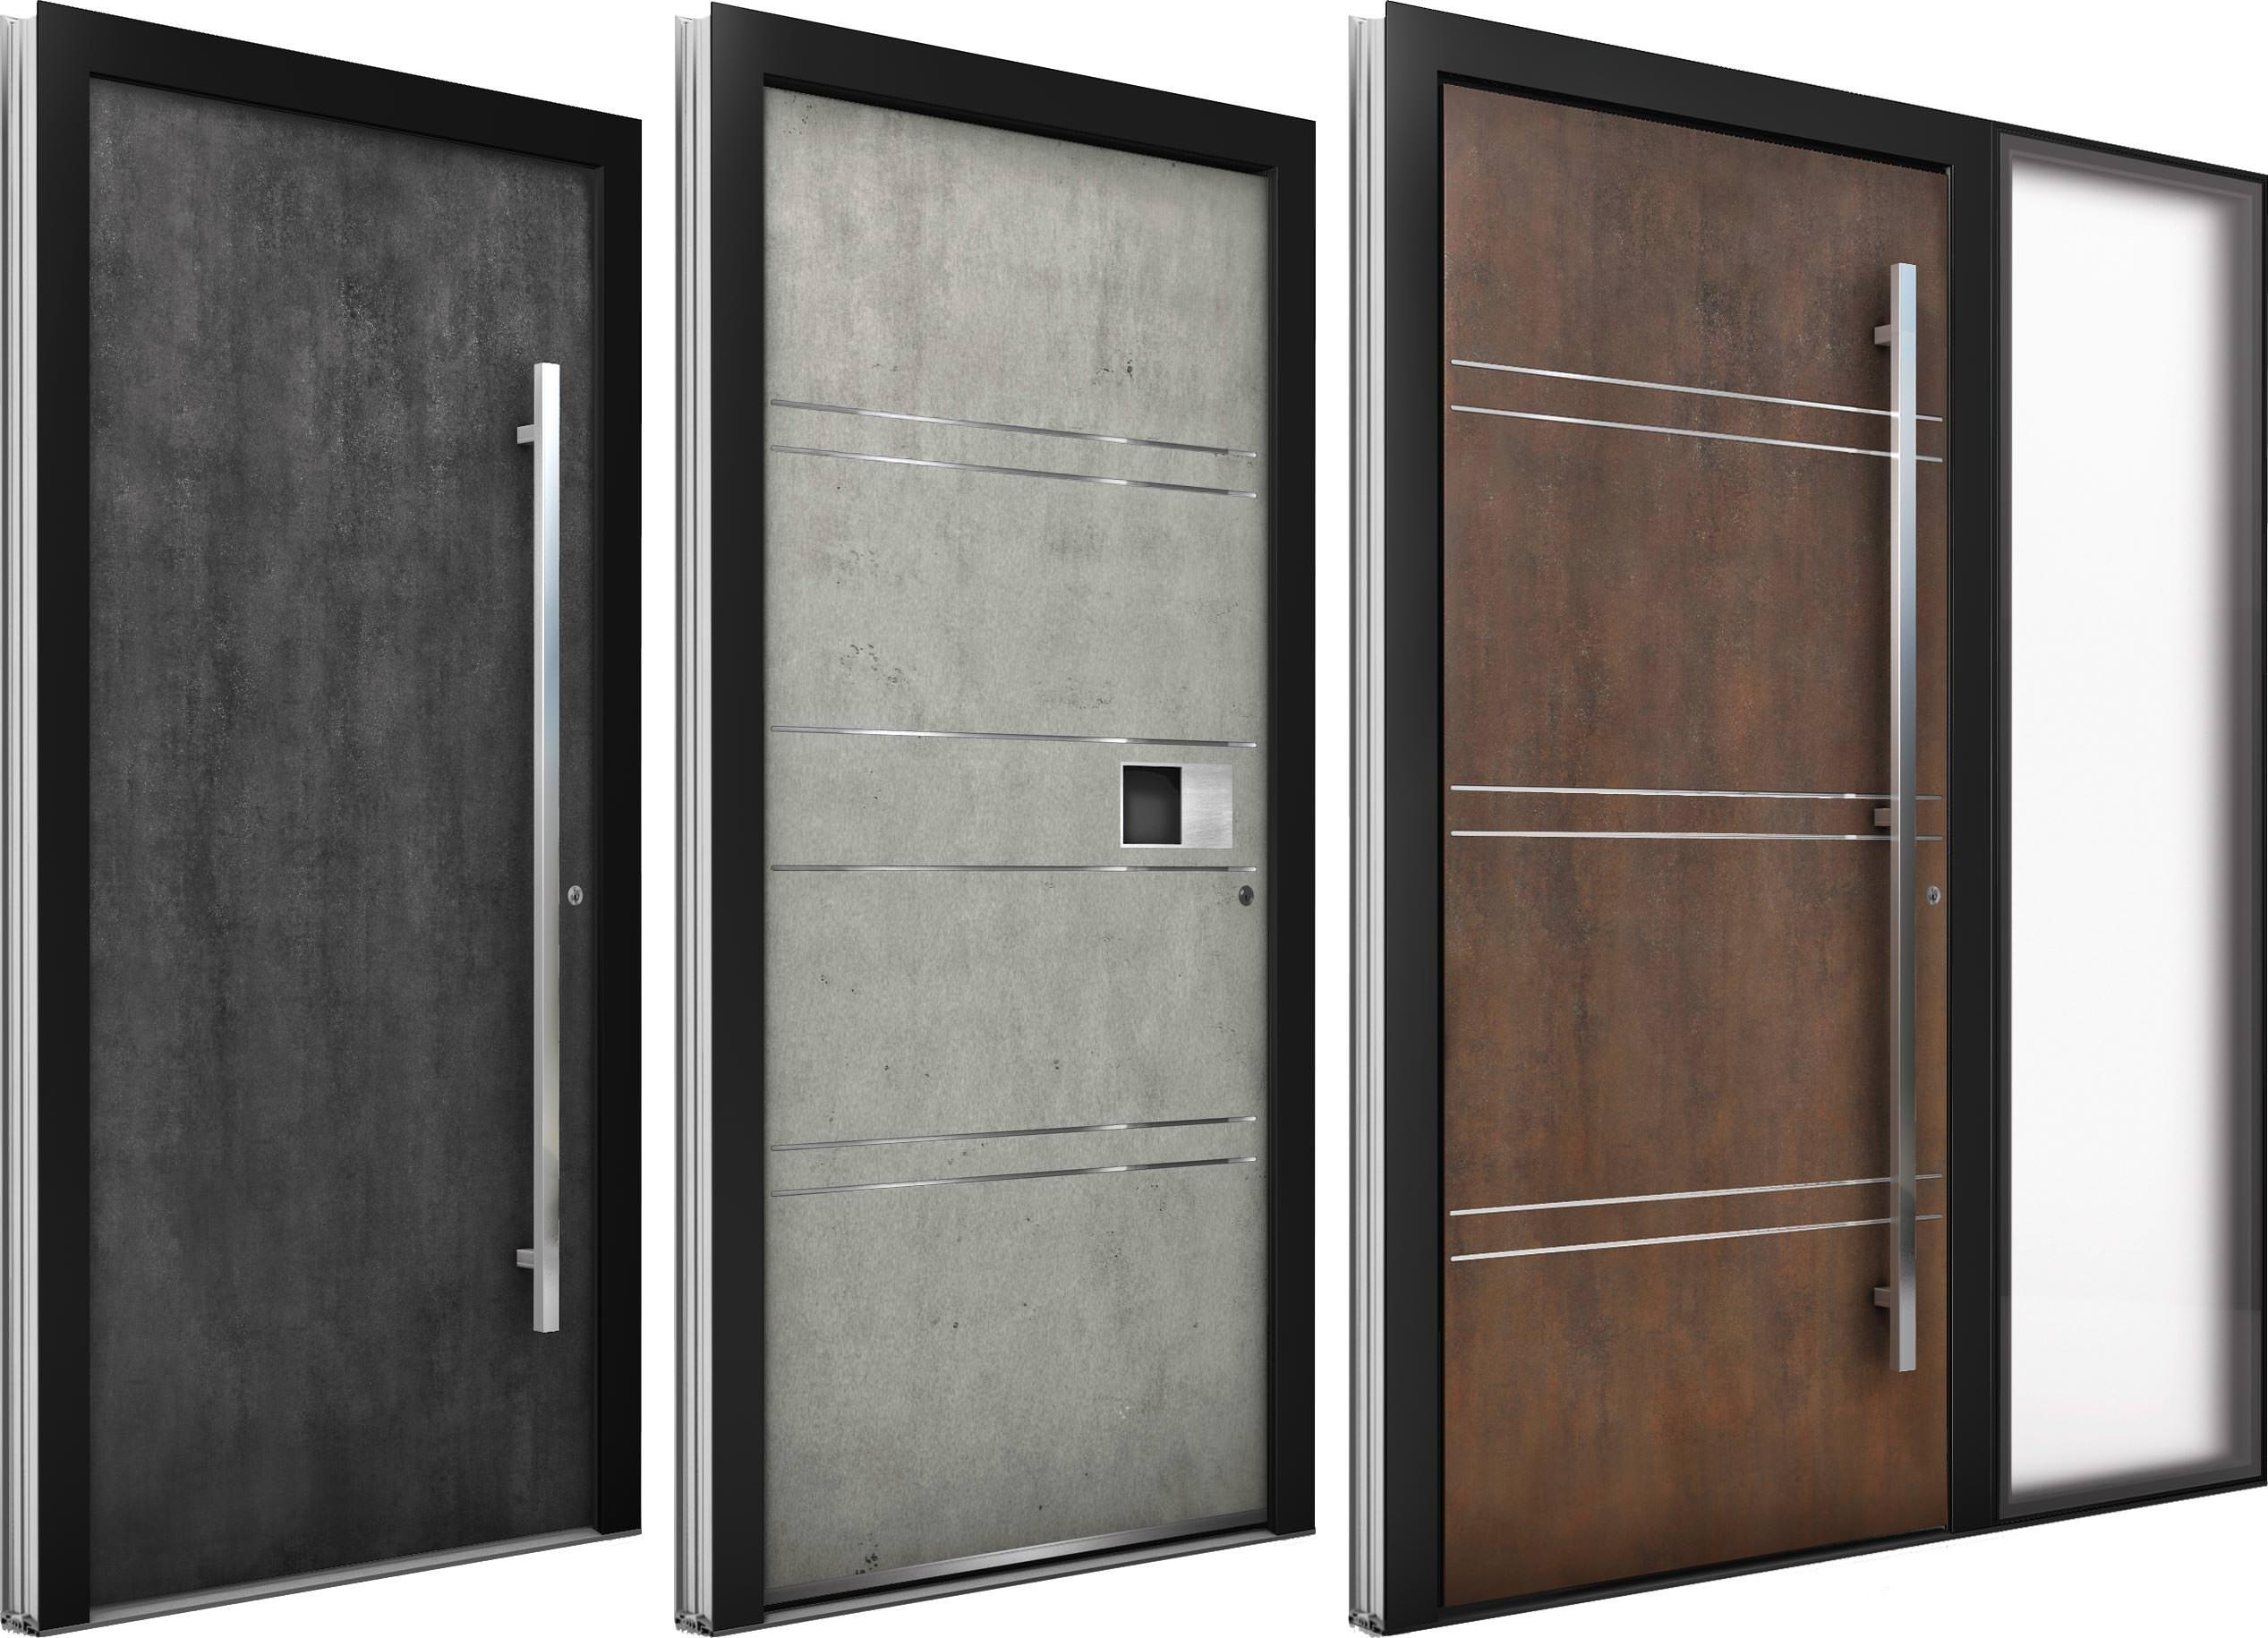 haust ren mit eher ungew hnlichen oberfl chen und rahmenlosen seitenteilen neu bei internorm. Black Bedroom Furniture Sets. Home Design Ideas